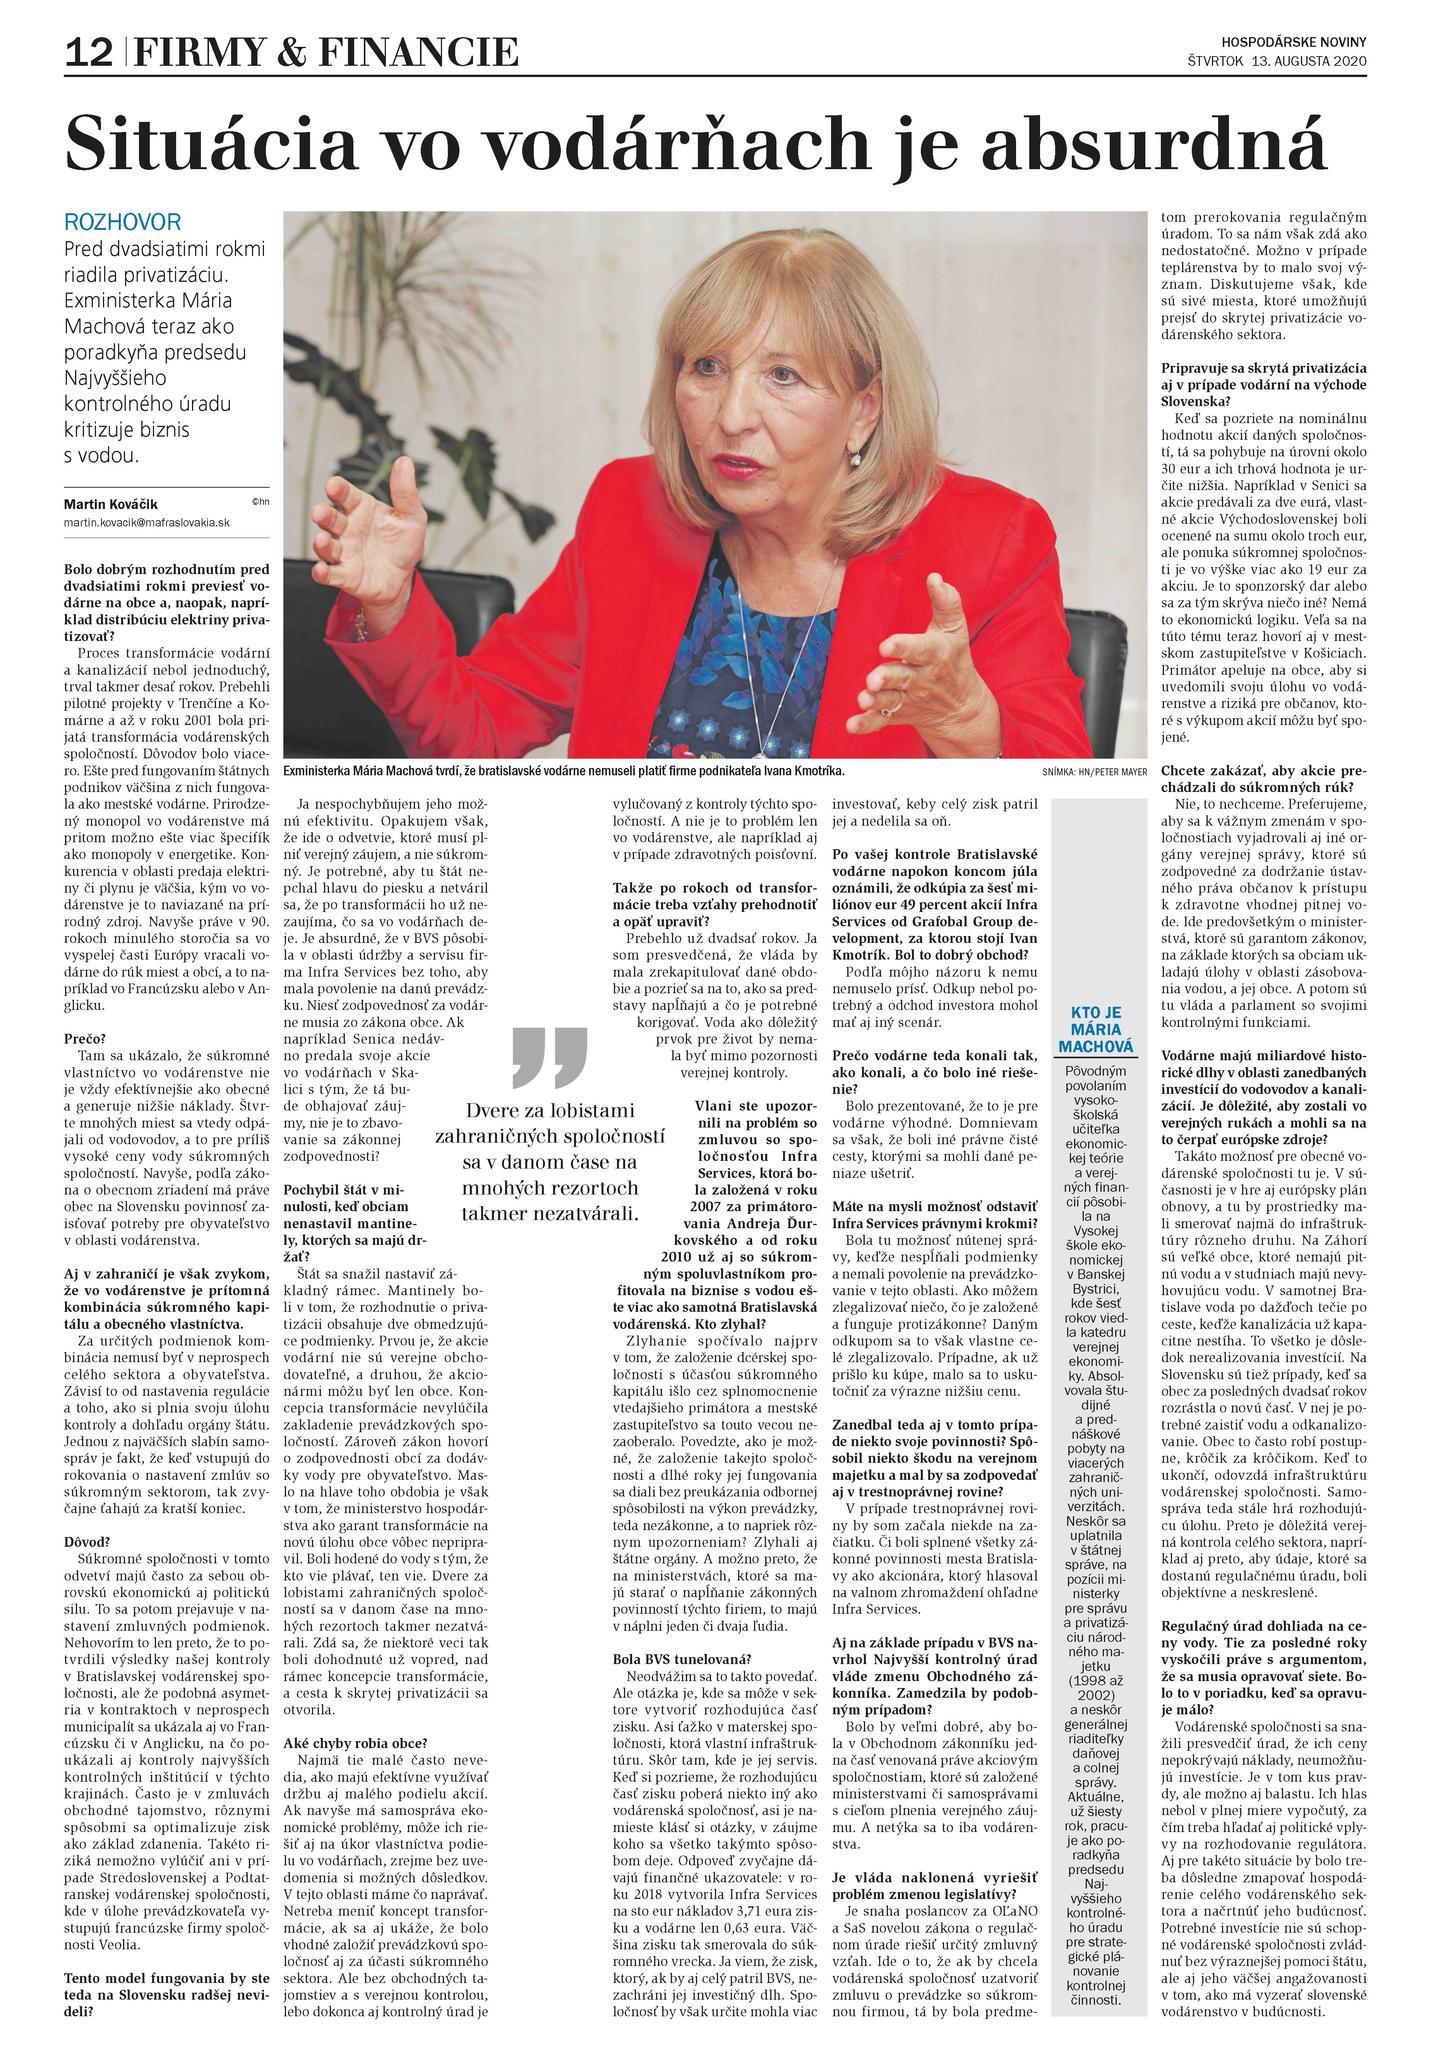 Rozhovor Hospodárske noviny, 13.8.2020 - M. Machová